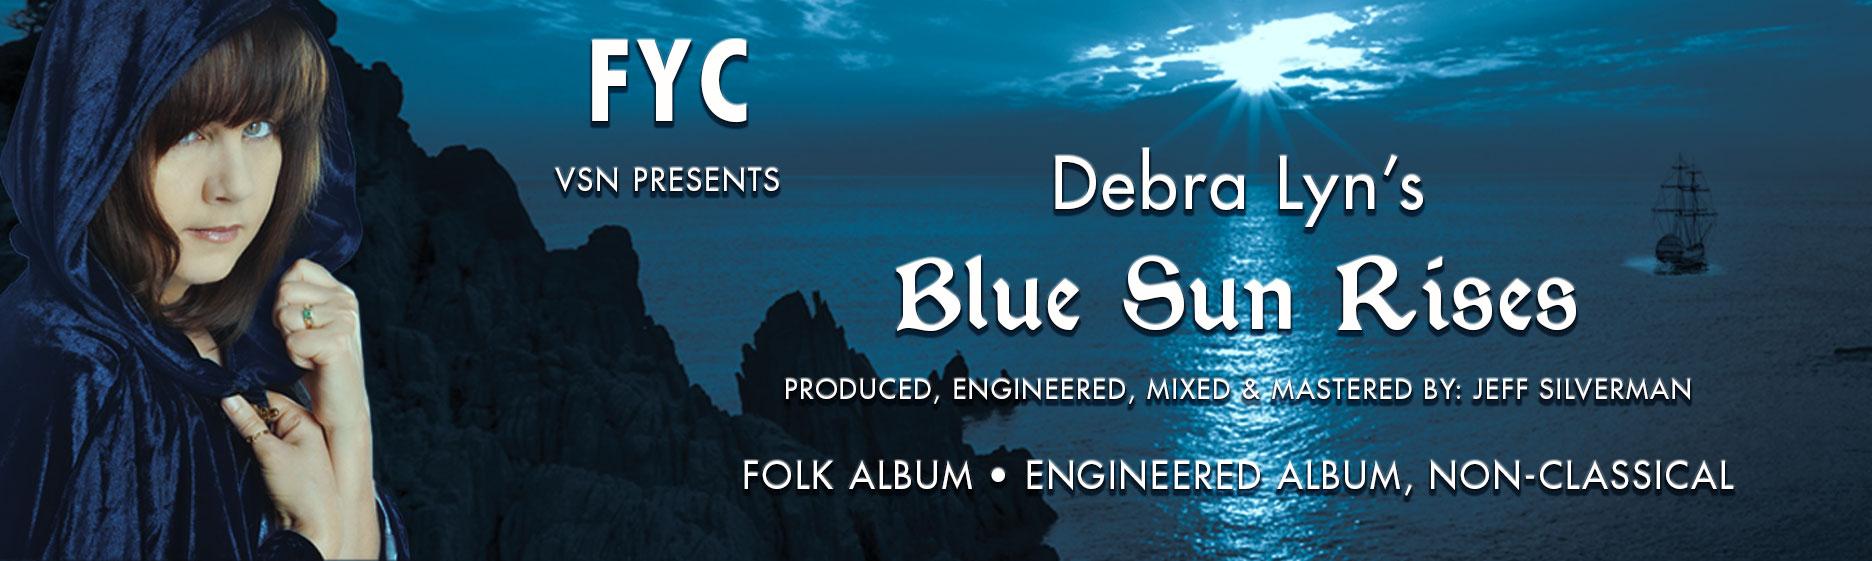 """FYC - Debra Lyn's """"Blue Sun Rises"""""""